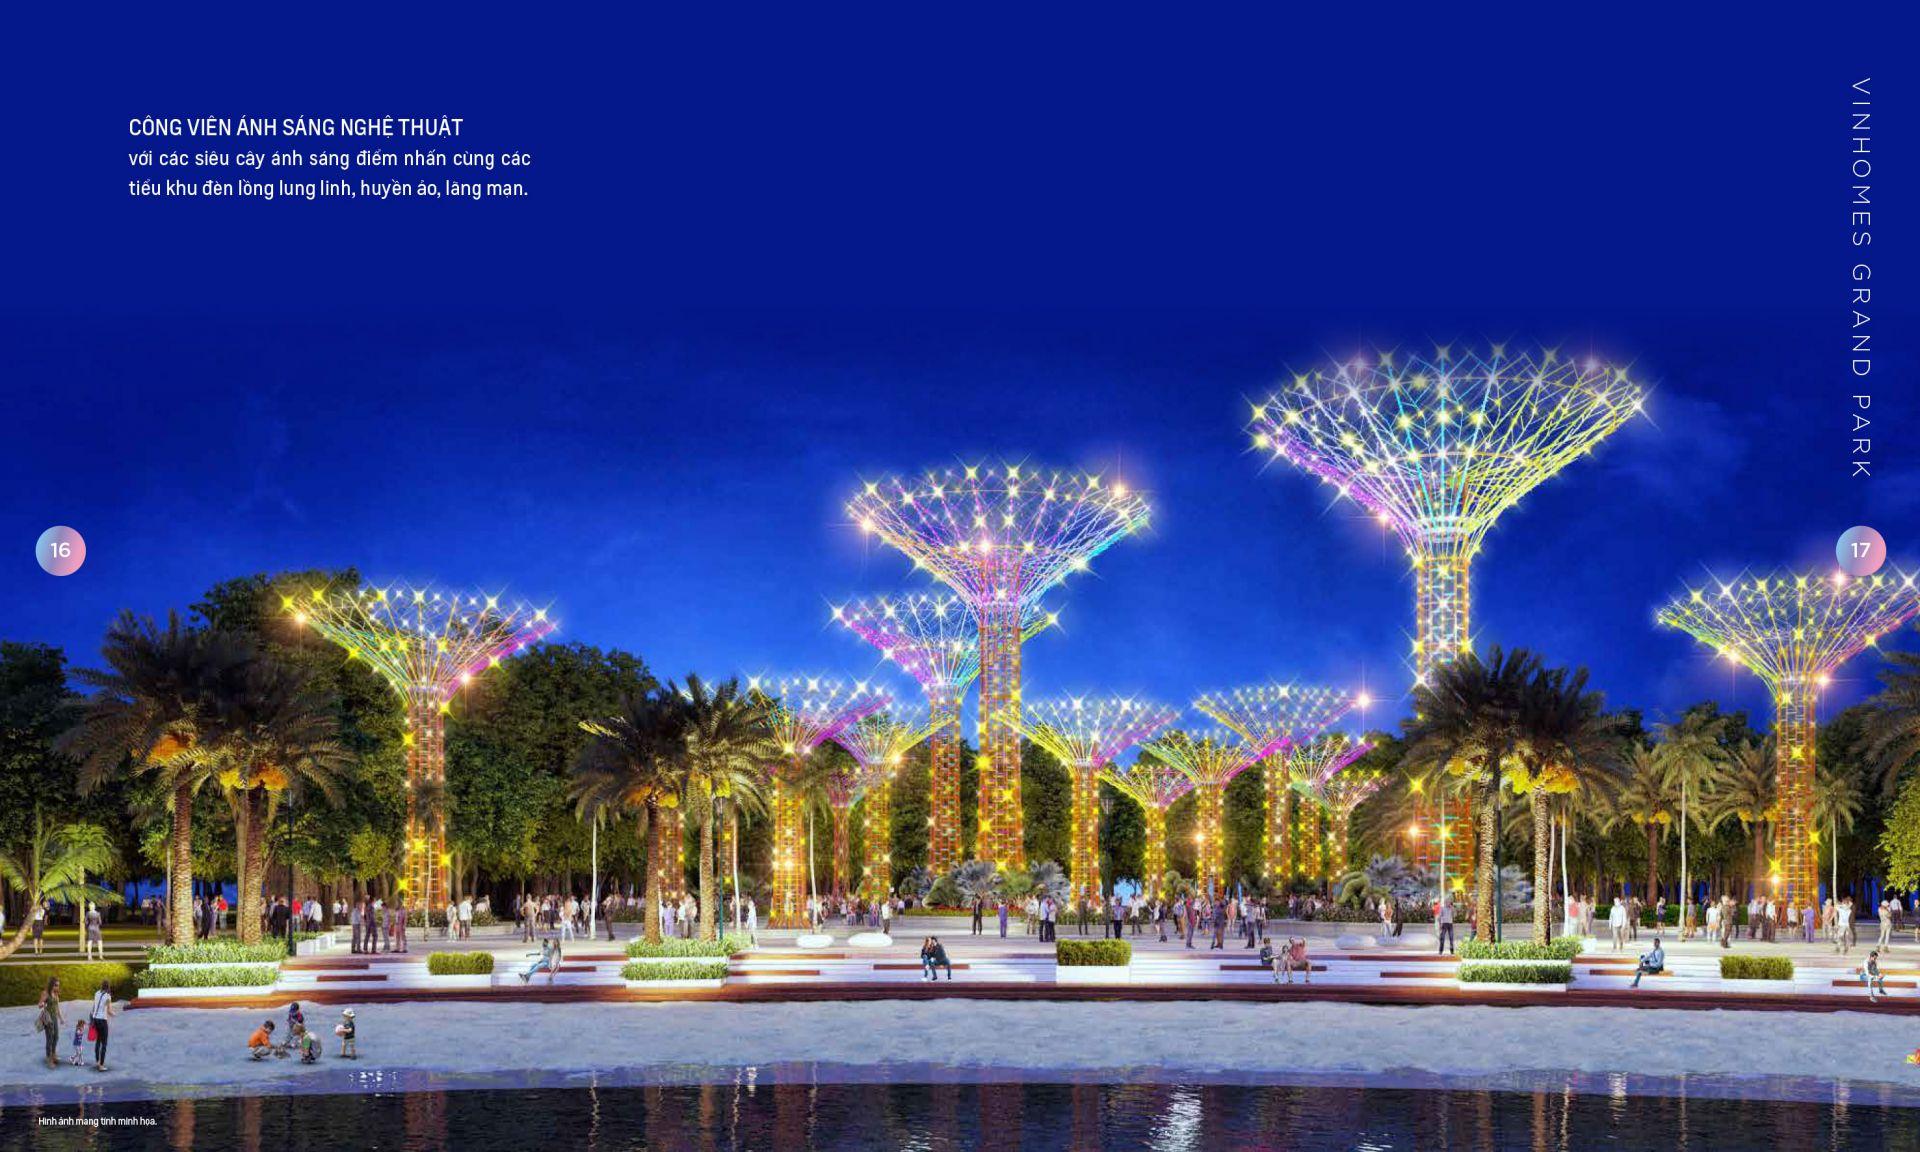 Choáng ngợp với công viên ánh sáng Vinhomes Grand Park